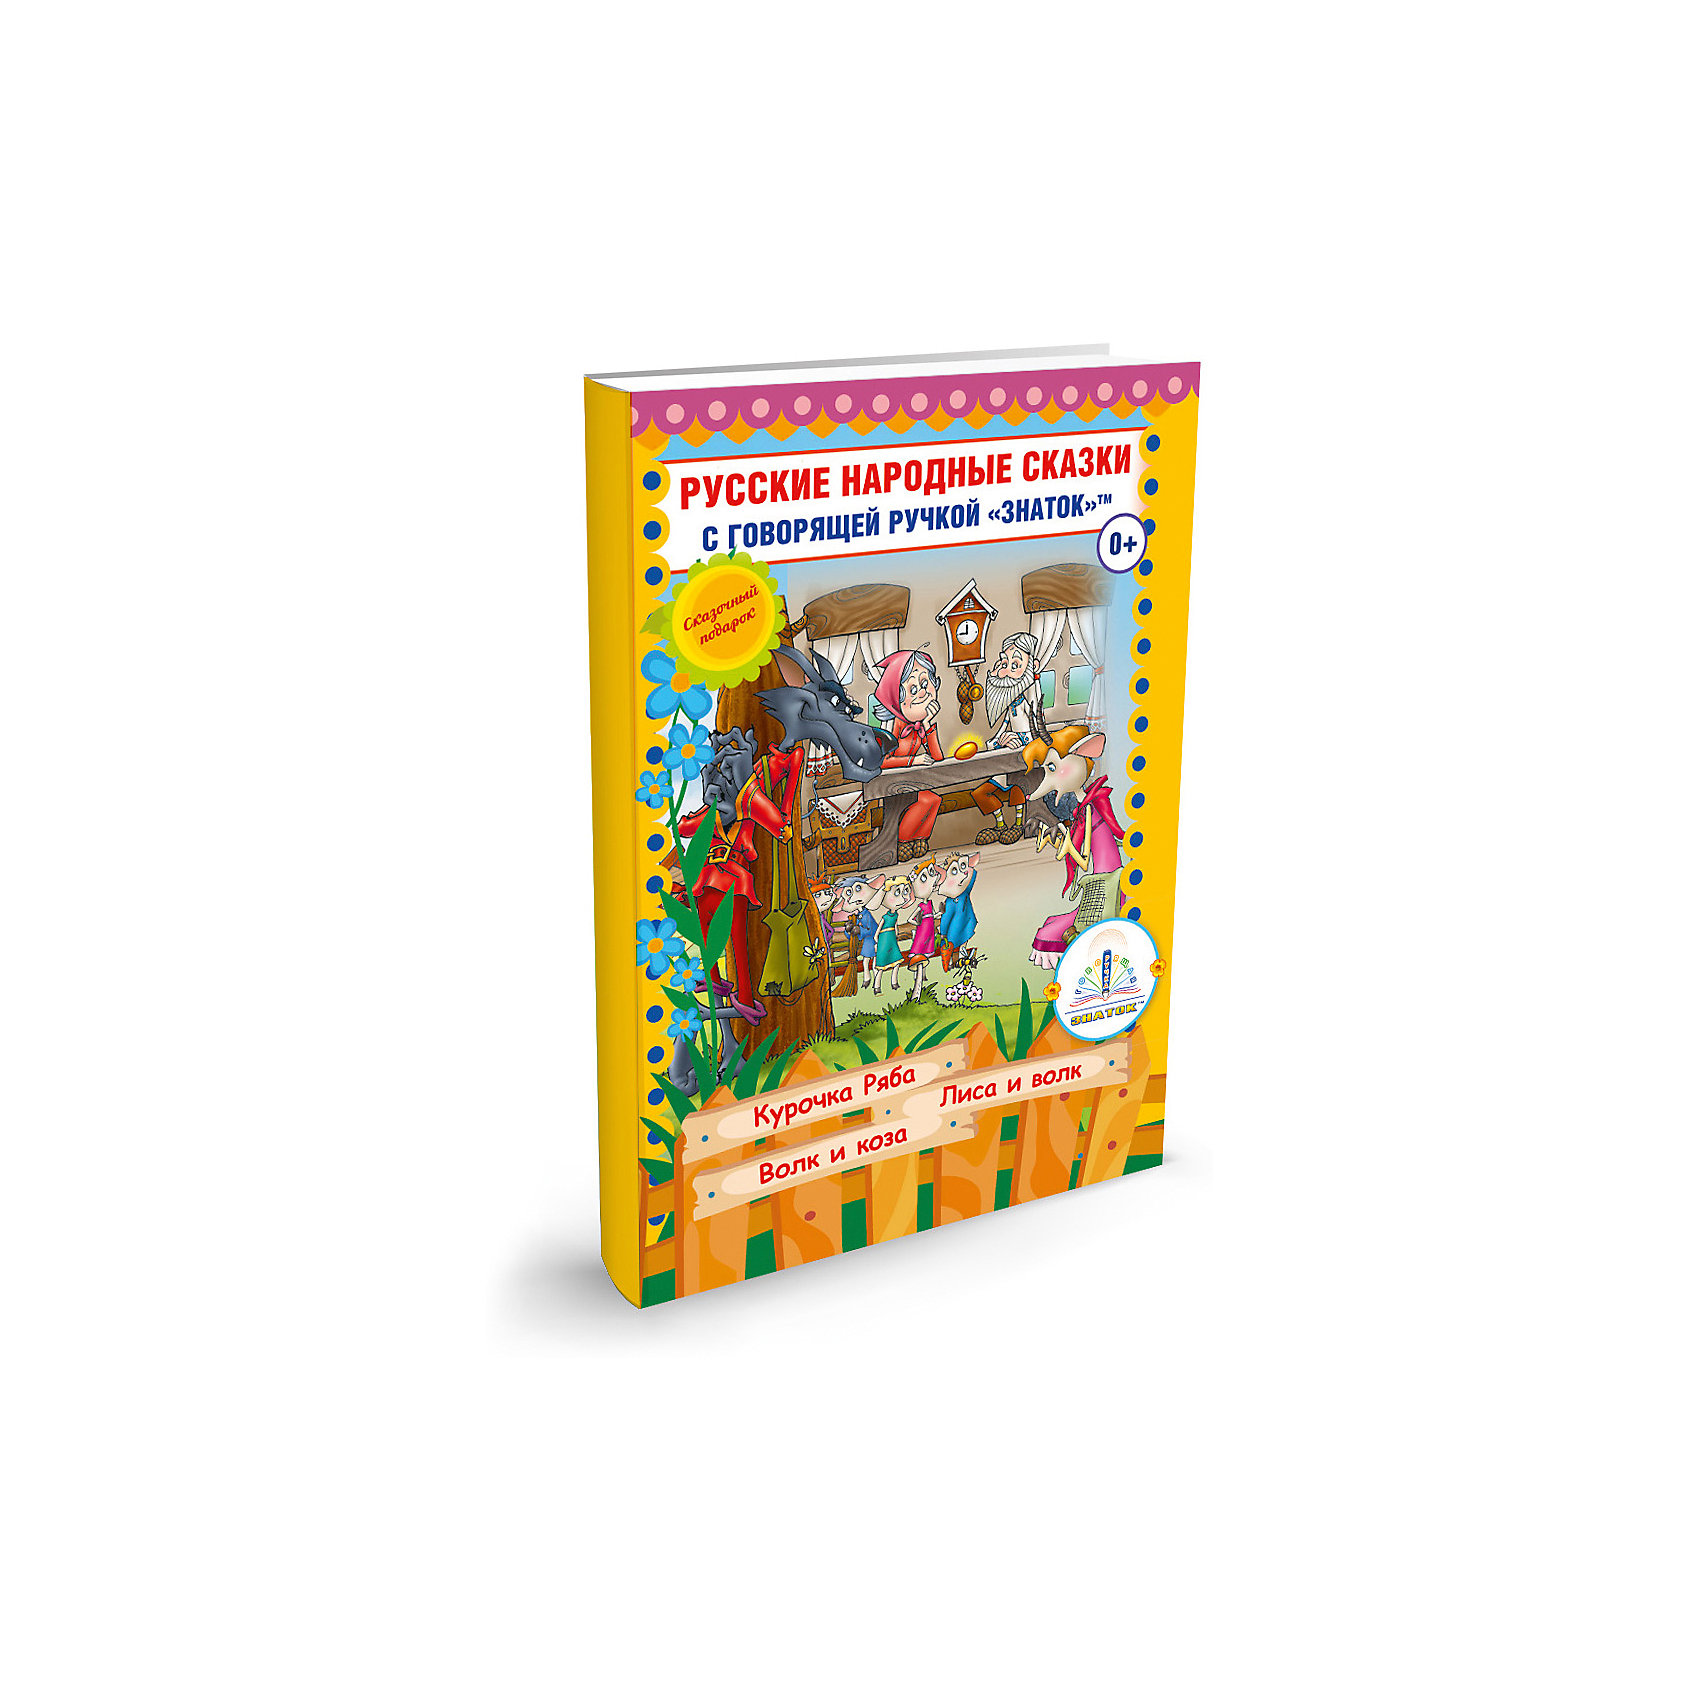 Русские народные сказки для говорящей ручки, ЗнатокРусские сказки<br>Курочка Ряба. Лиса и волк. Волк и коза. В книгу входят популярные русские народные сказки, в поучительной манере развивающие у детей чувства добра, справедливости, послушания. Книга красочно иллюстрирована, рисунки сопровождаются дополнительным звуковым текстом с помощью говорящей ручки Знаток. Содержит развивающие вопросы и информацию.<br><br>Ширина мм: 265<br>Глубина мм: 190<br>Высота мм: 30<br>Вес г: 279<br>Возраст от месяцев: 36<br>Возраст до месяцев: 2147483647<br>Пол: Унисекс<br>Возраст: Детский<br>SKU: 5596039